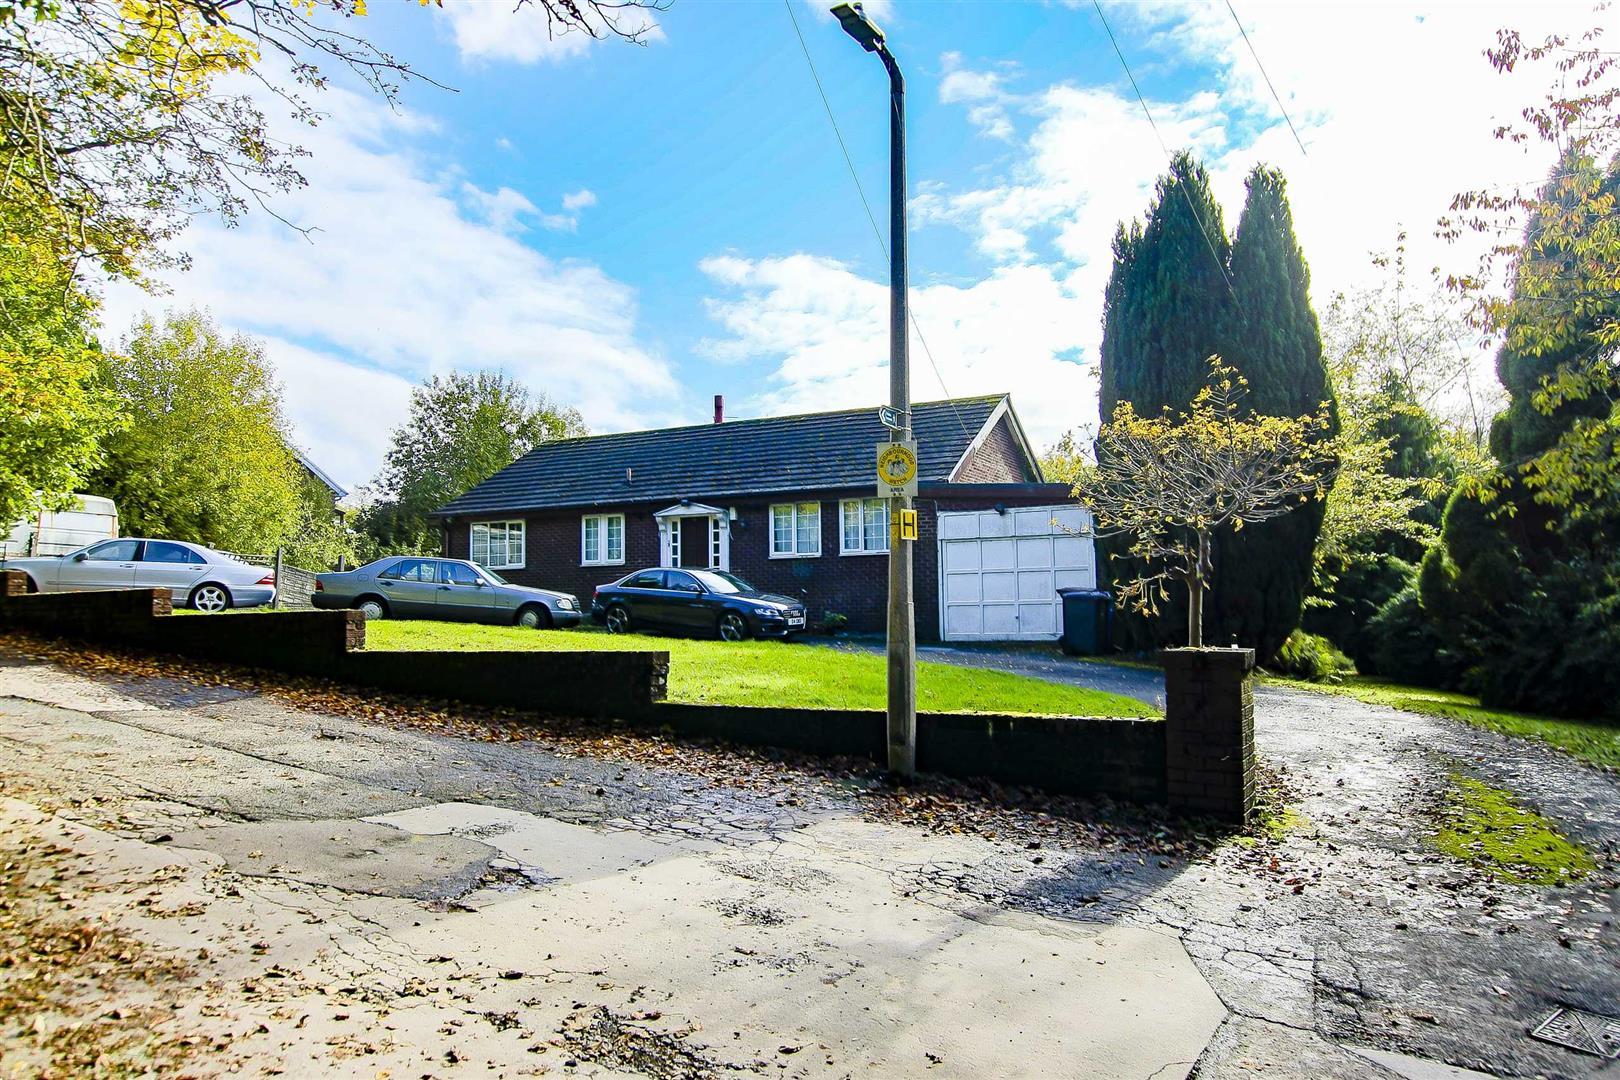 5 Bedroom Building Plot Land For Sale - Image 13